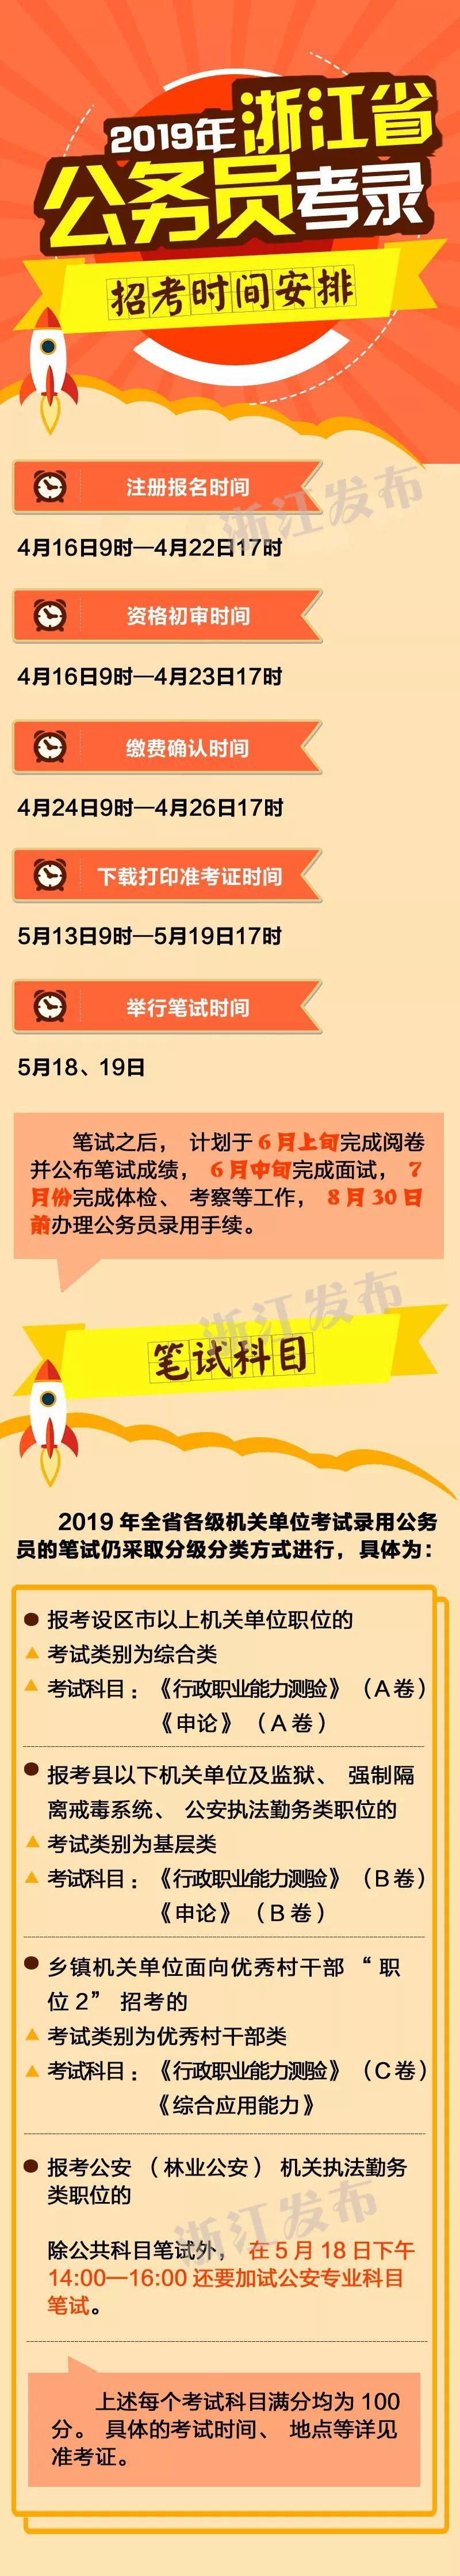 浙江省公务员考试录用系统官方入口